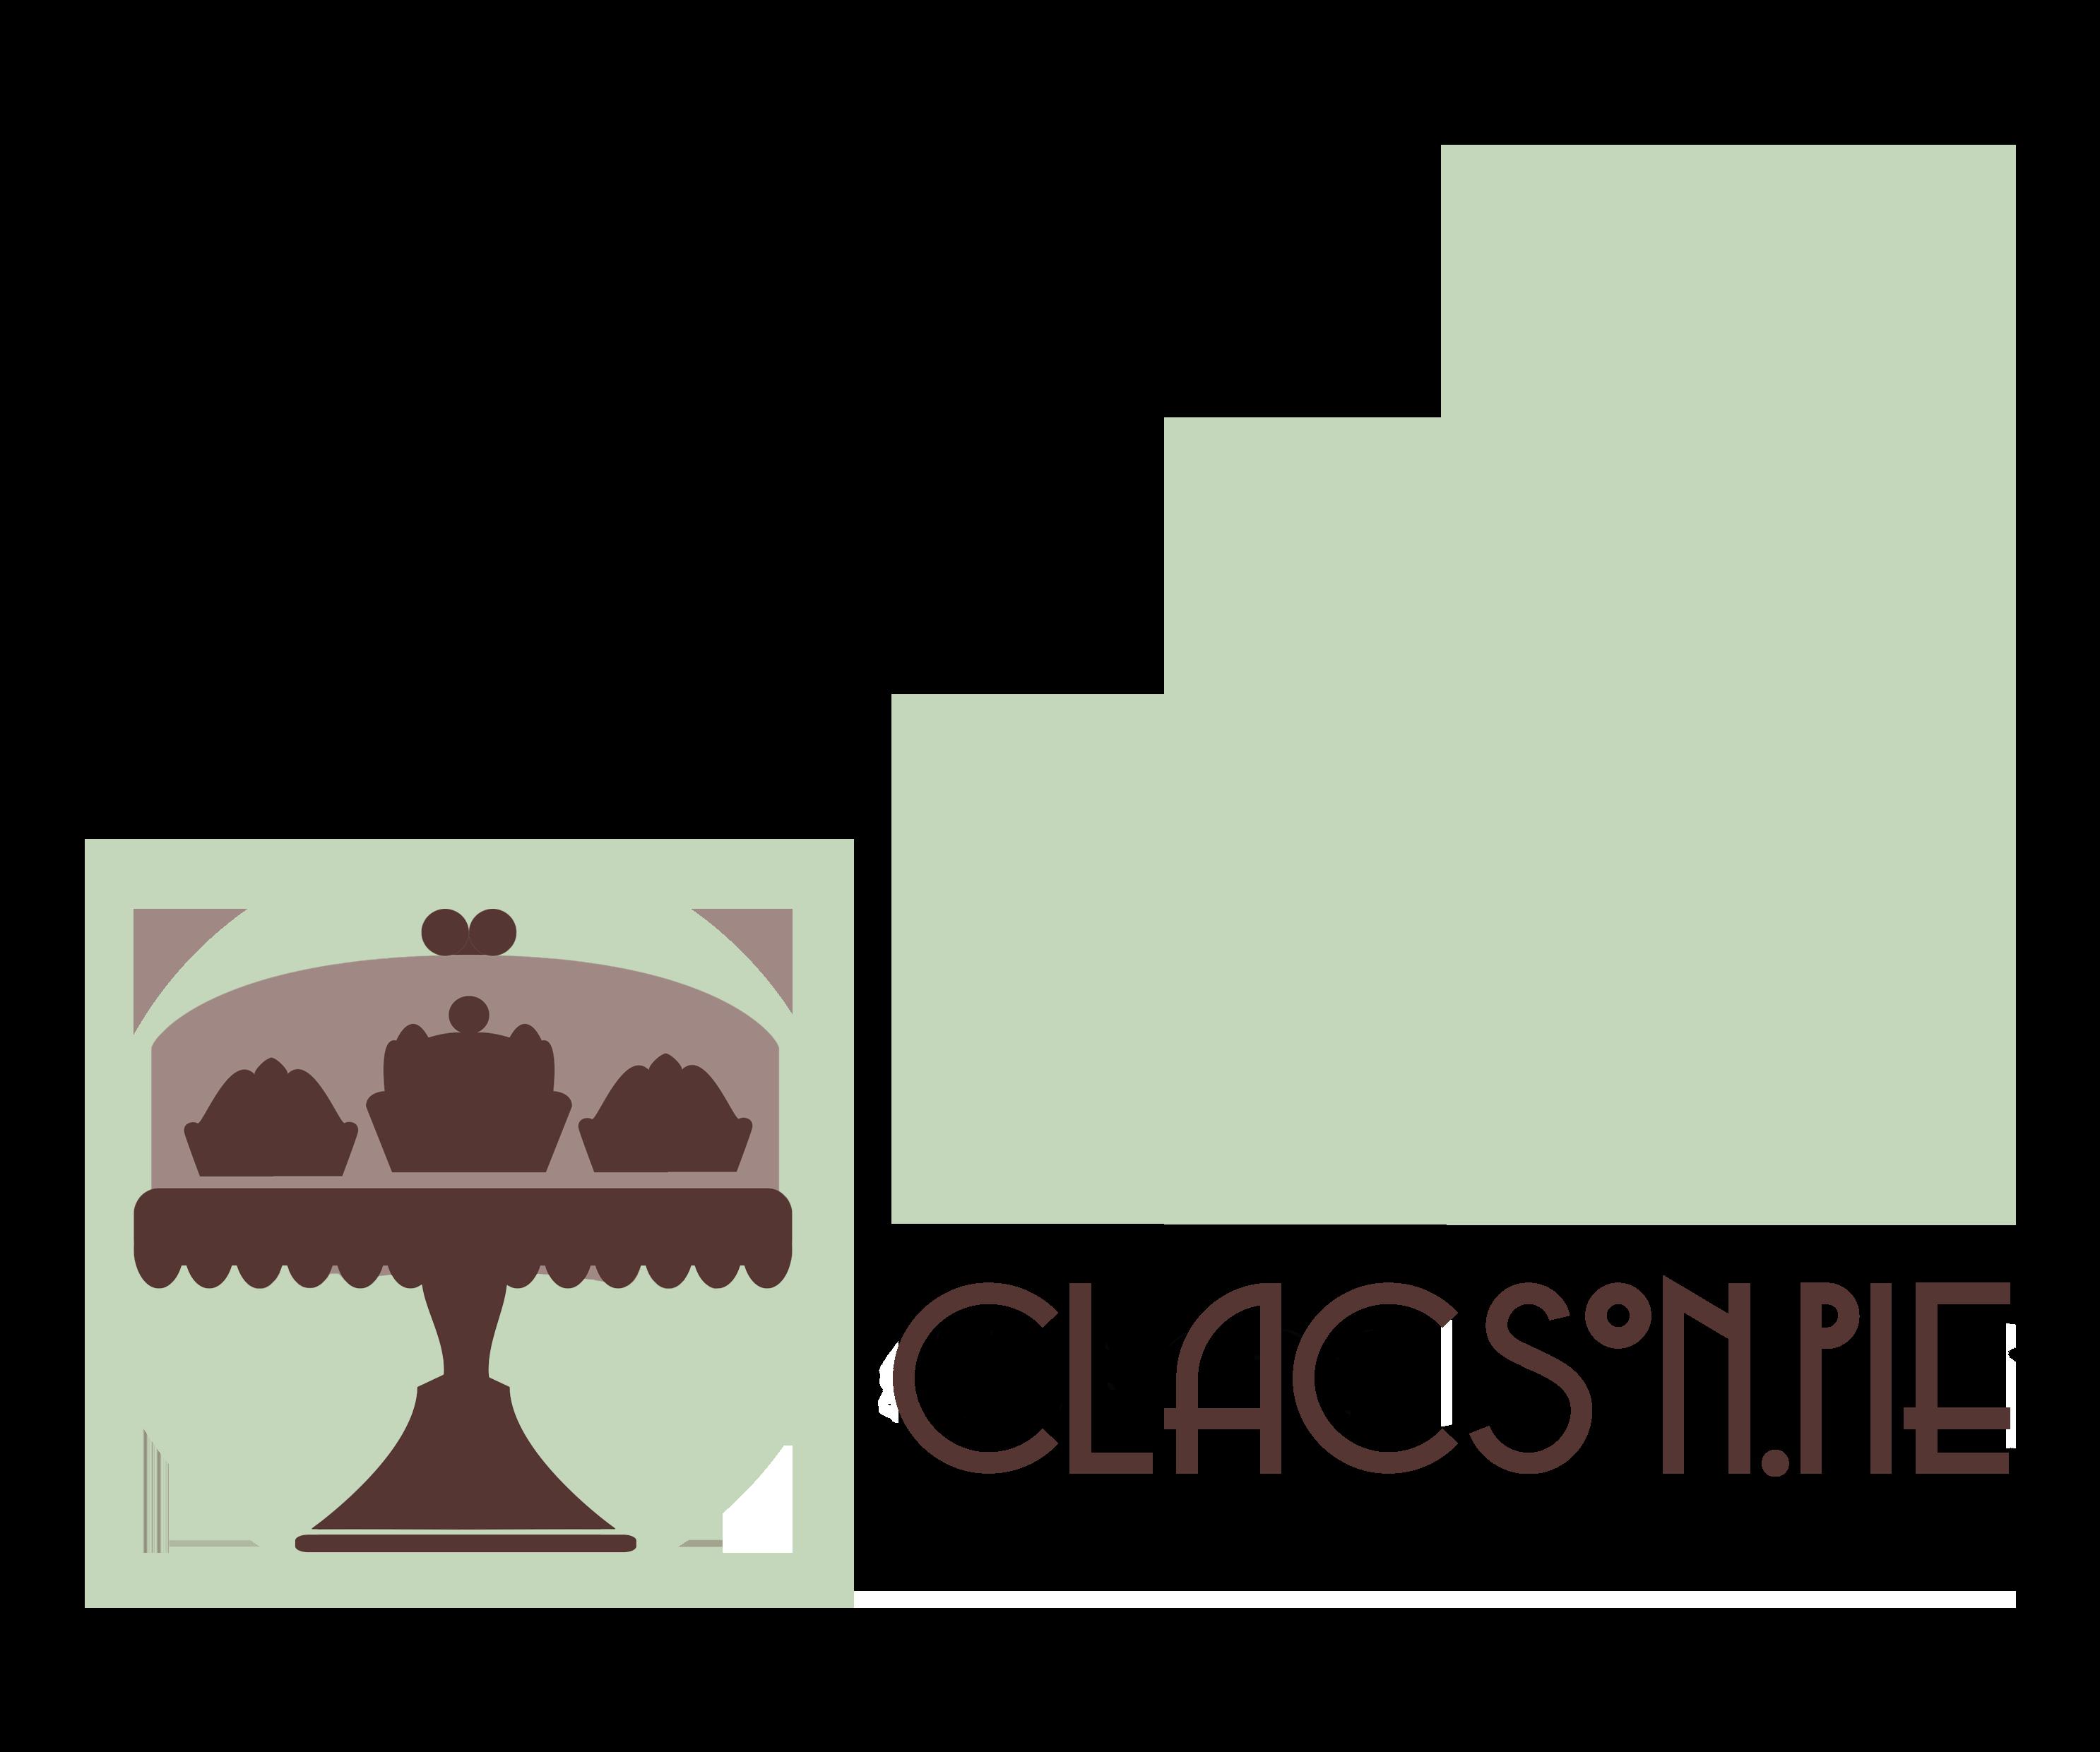 Clacson Pie